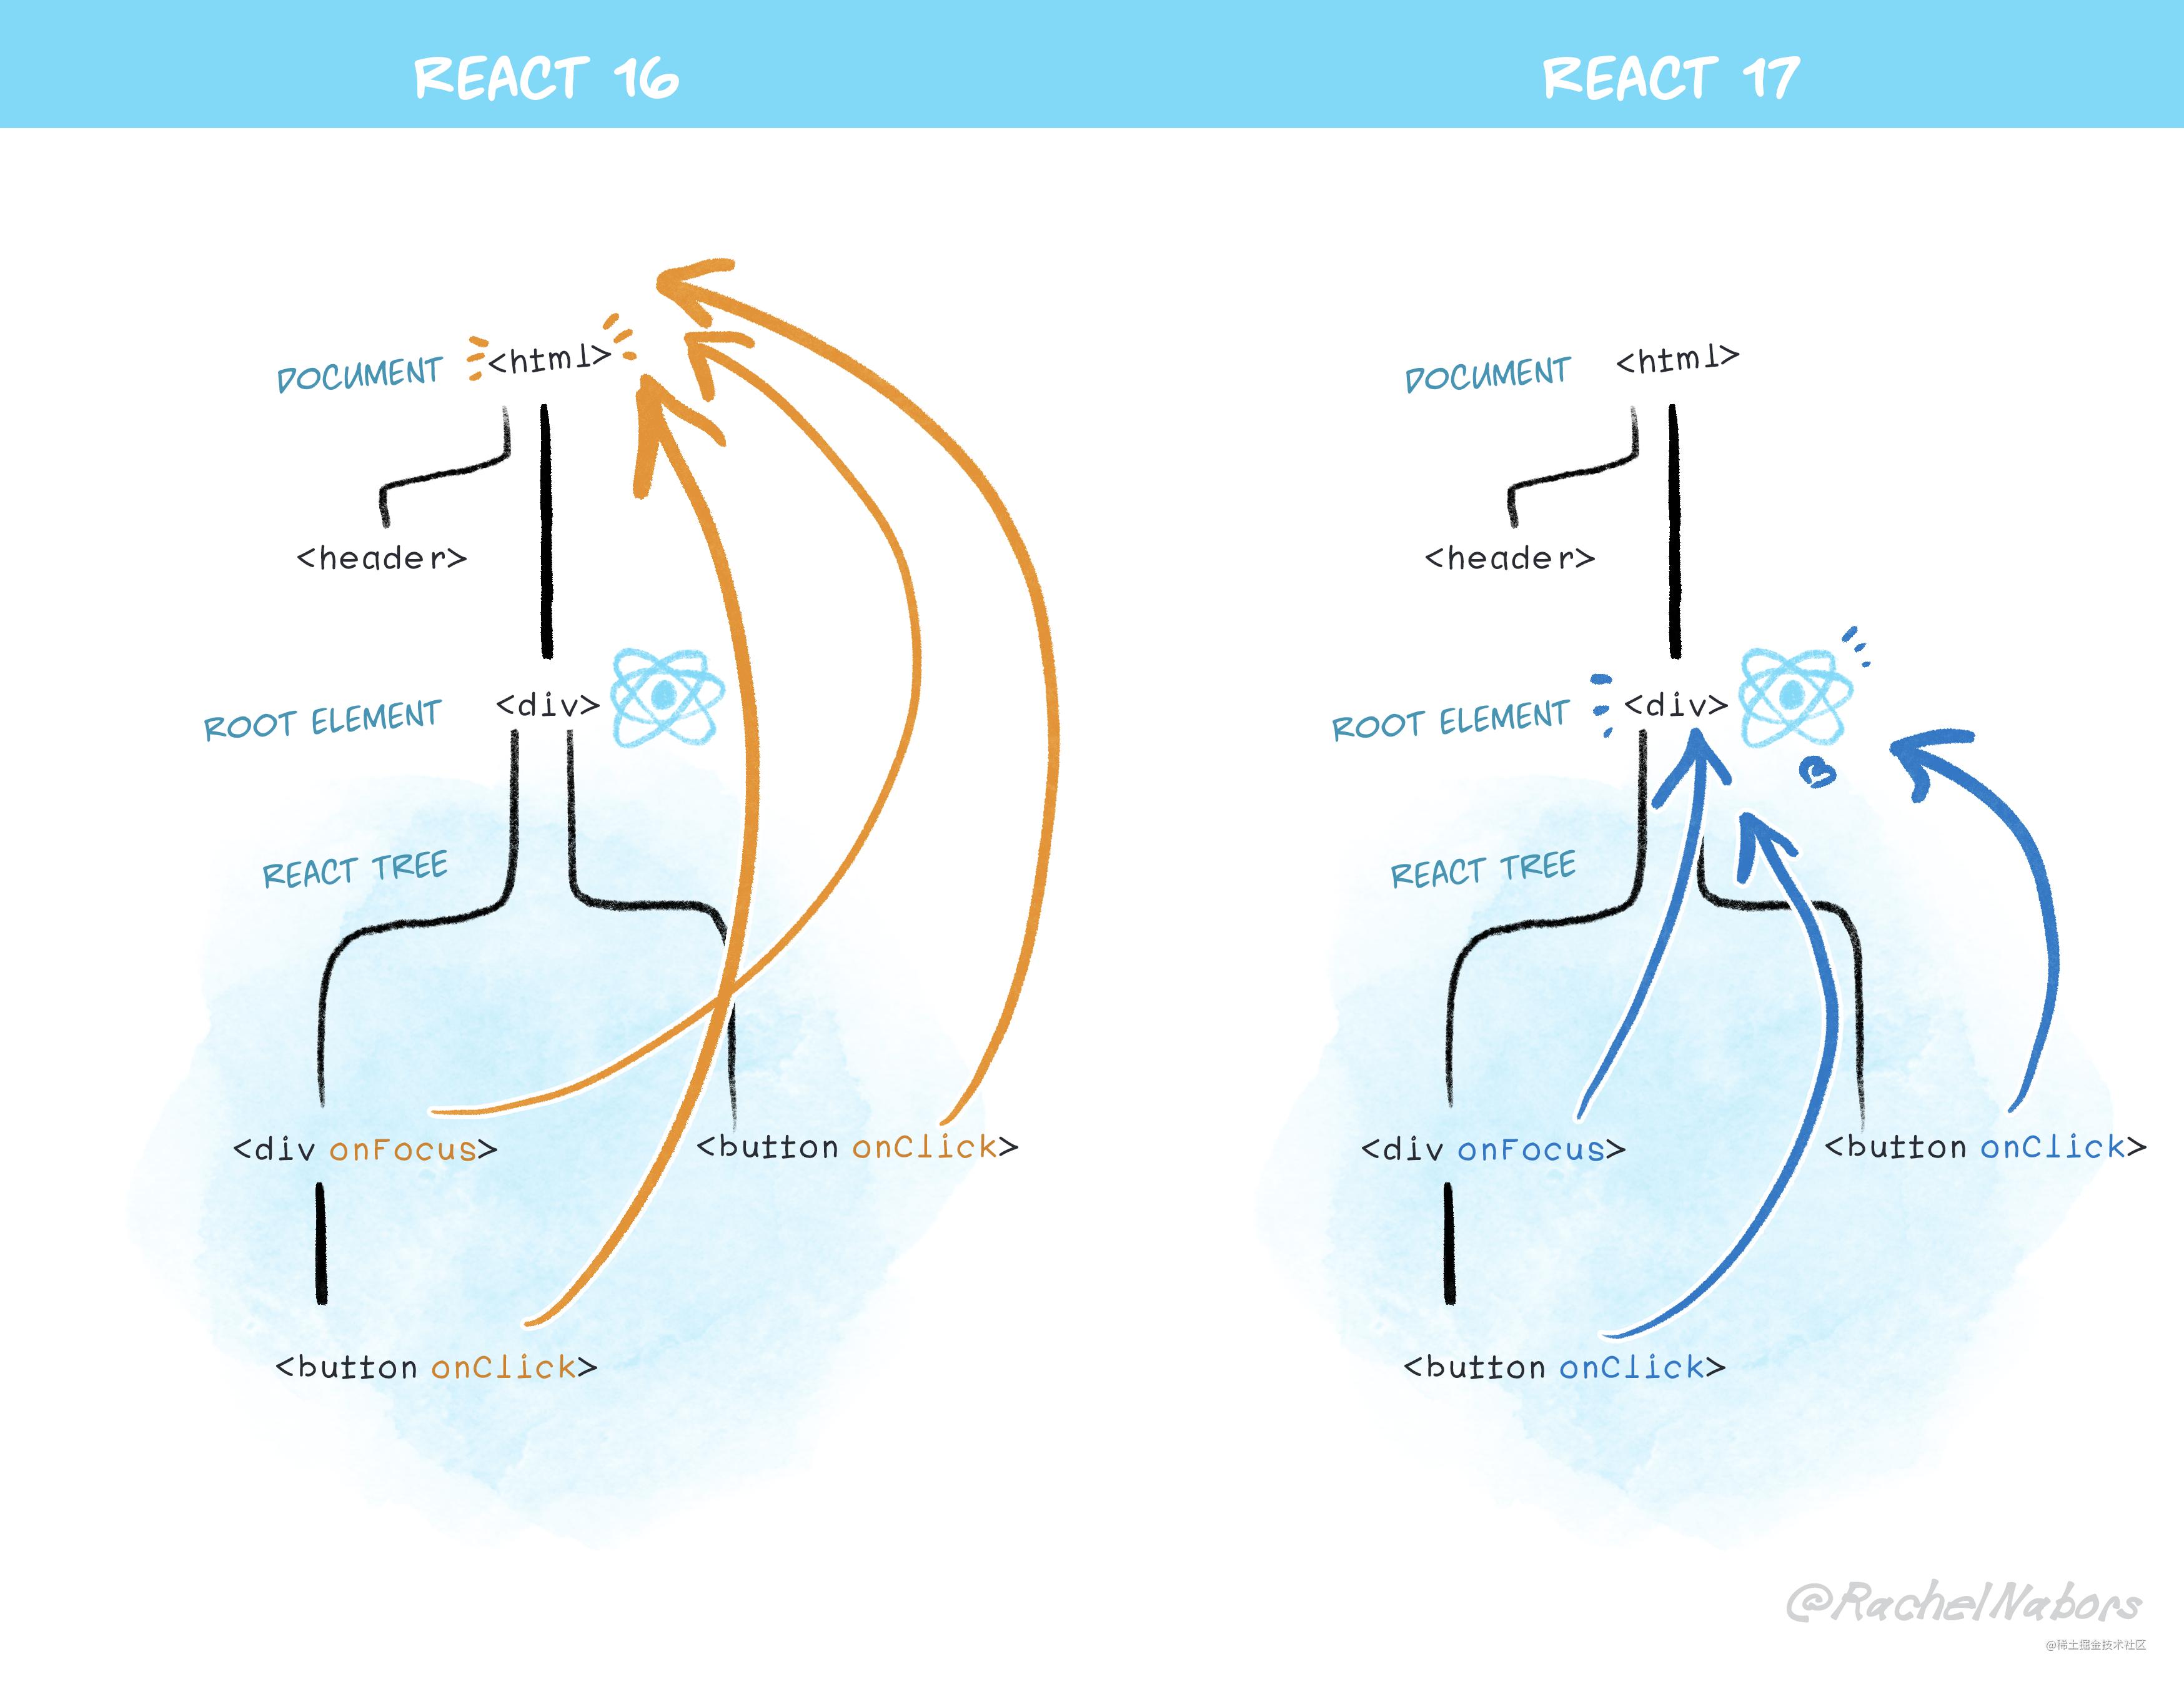 此图展示了 React 17 如何将事件连接到根节点而非 document